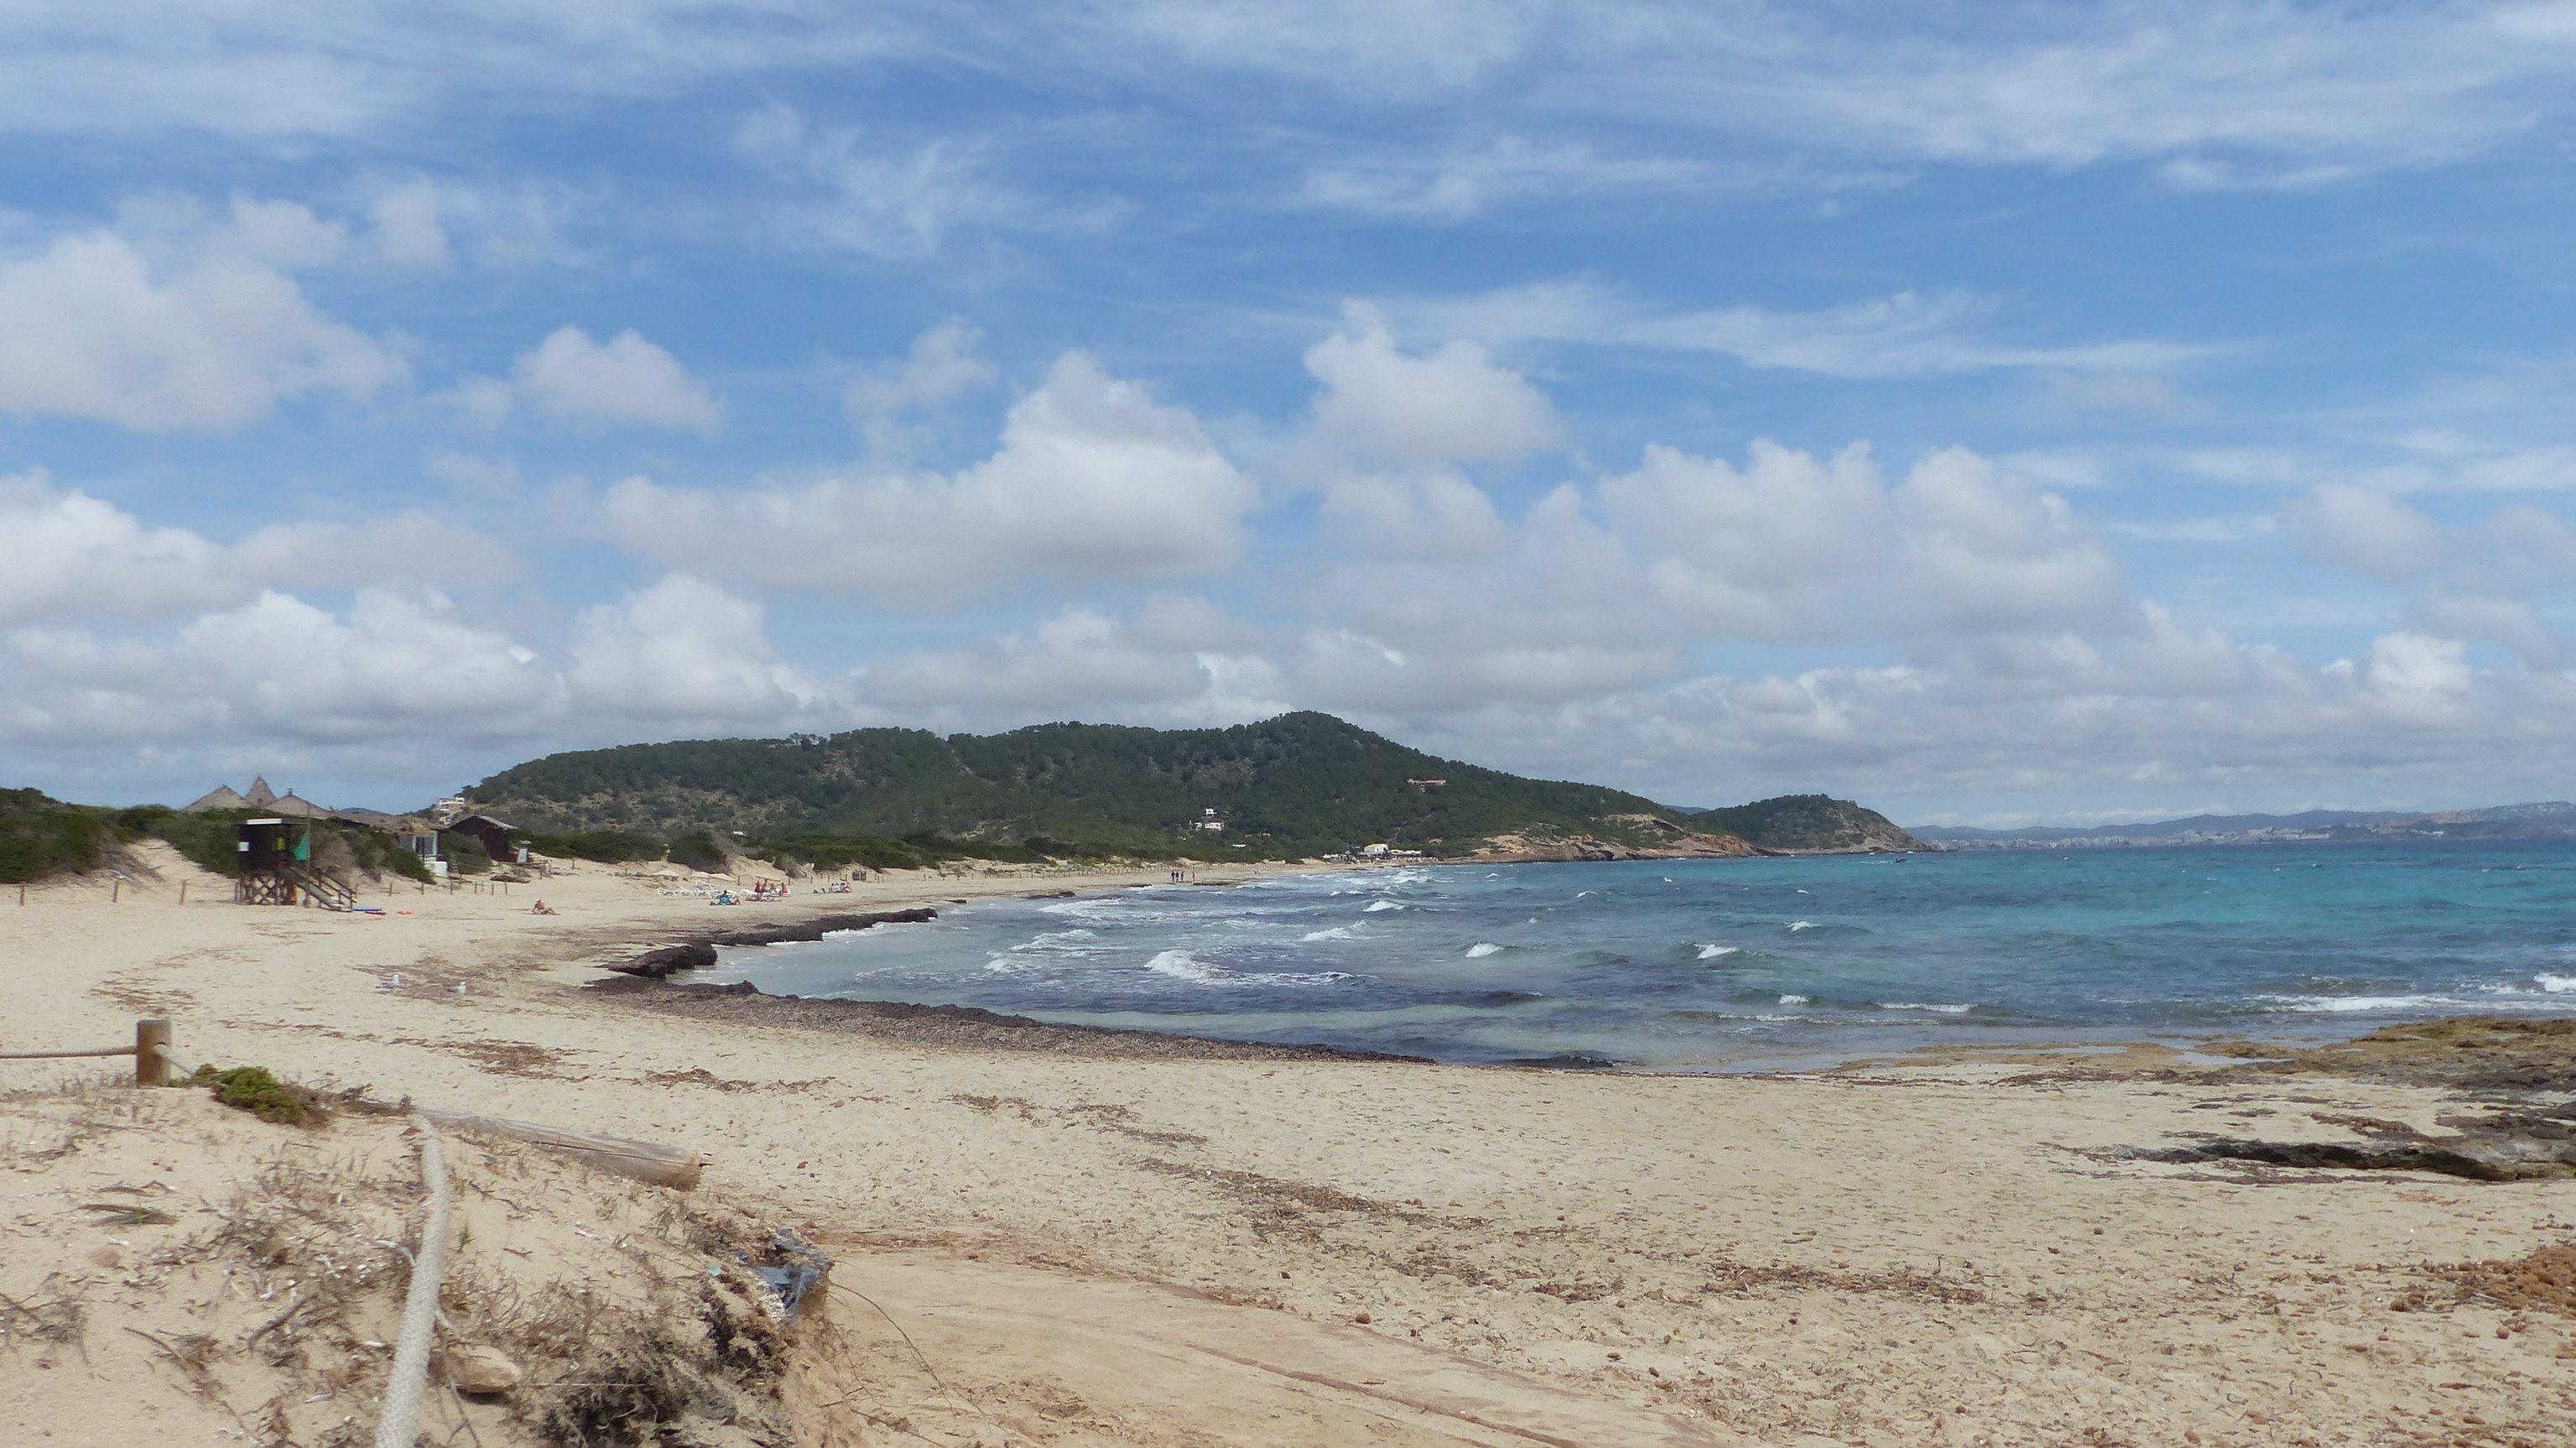 Platja des Cavallet, Ibiza, 25 de mayo 2021